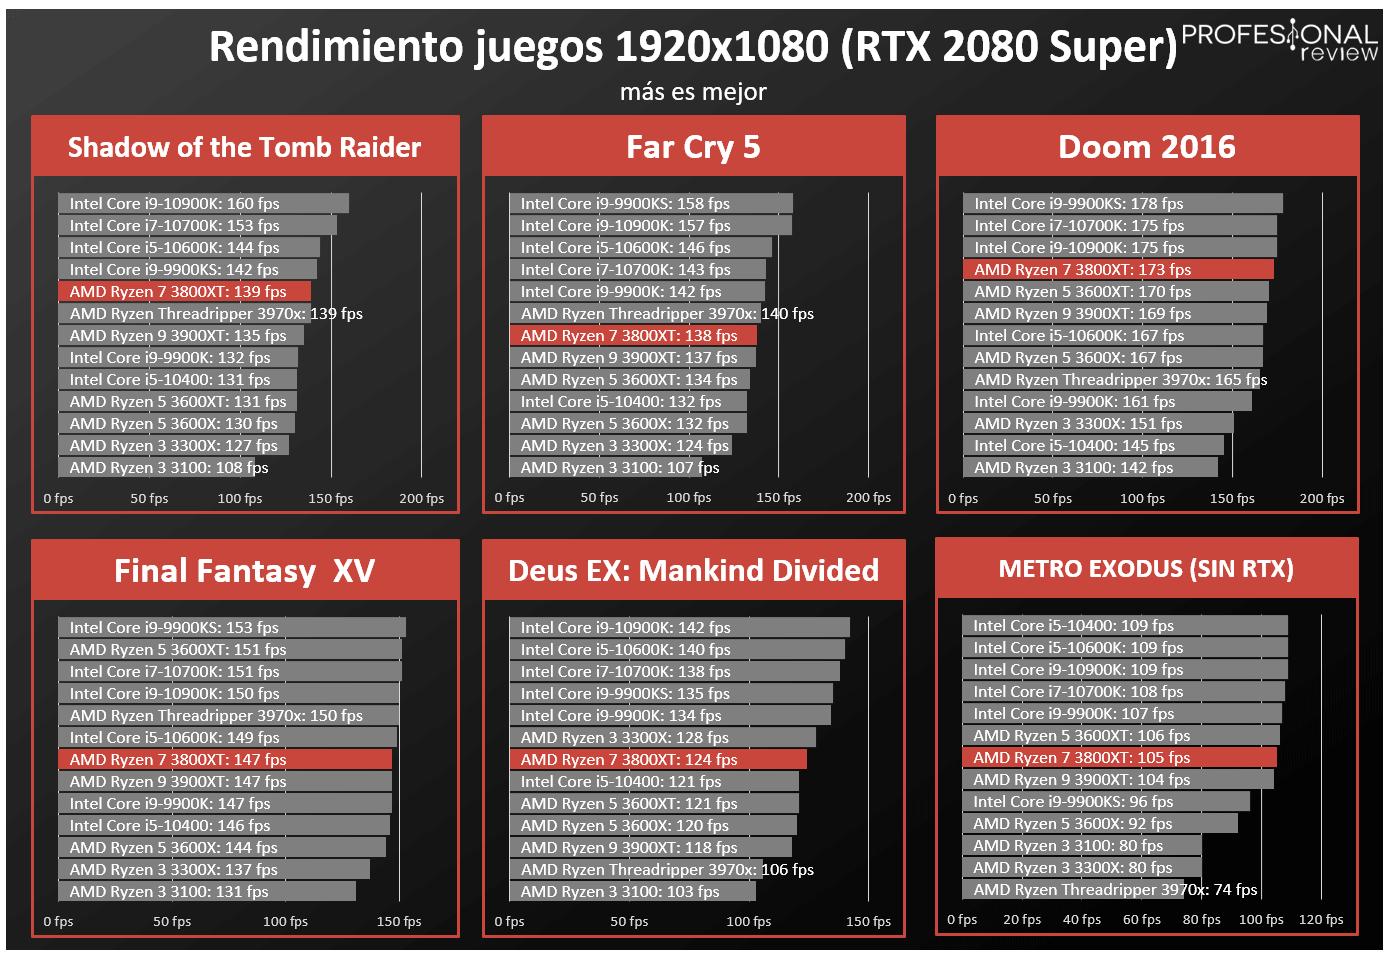 AMD Ryzen 7 3800XT FPS